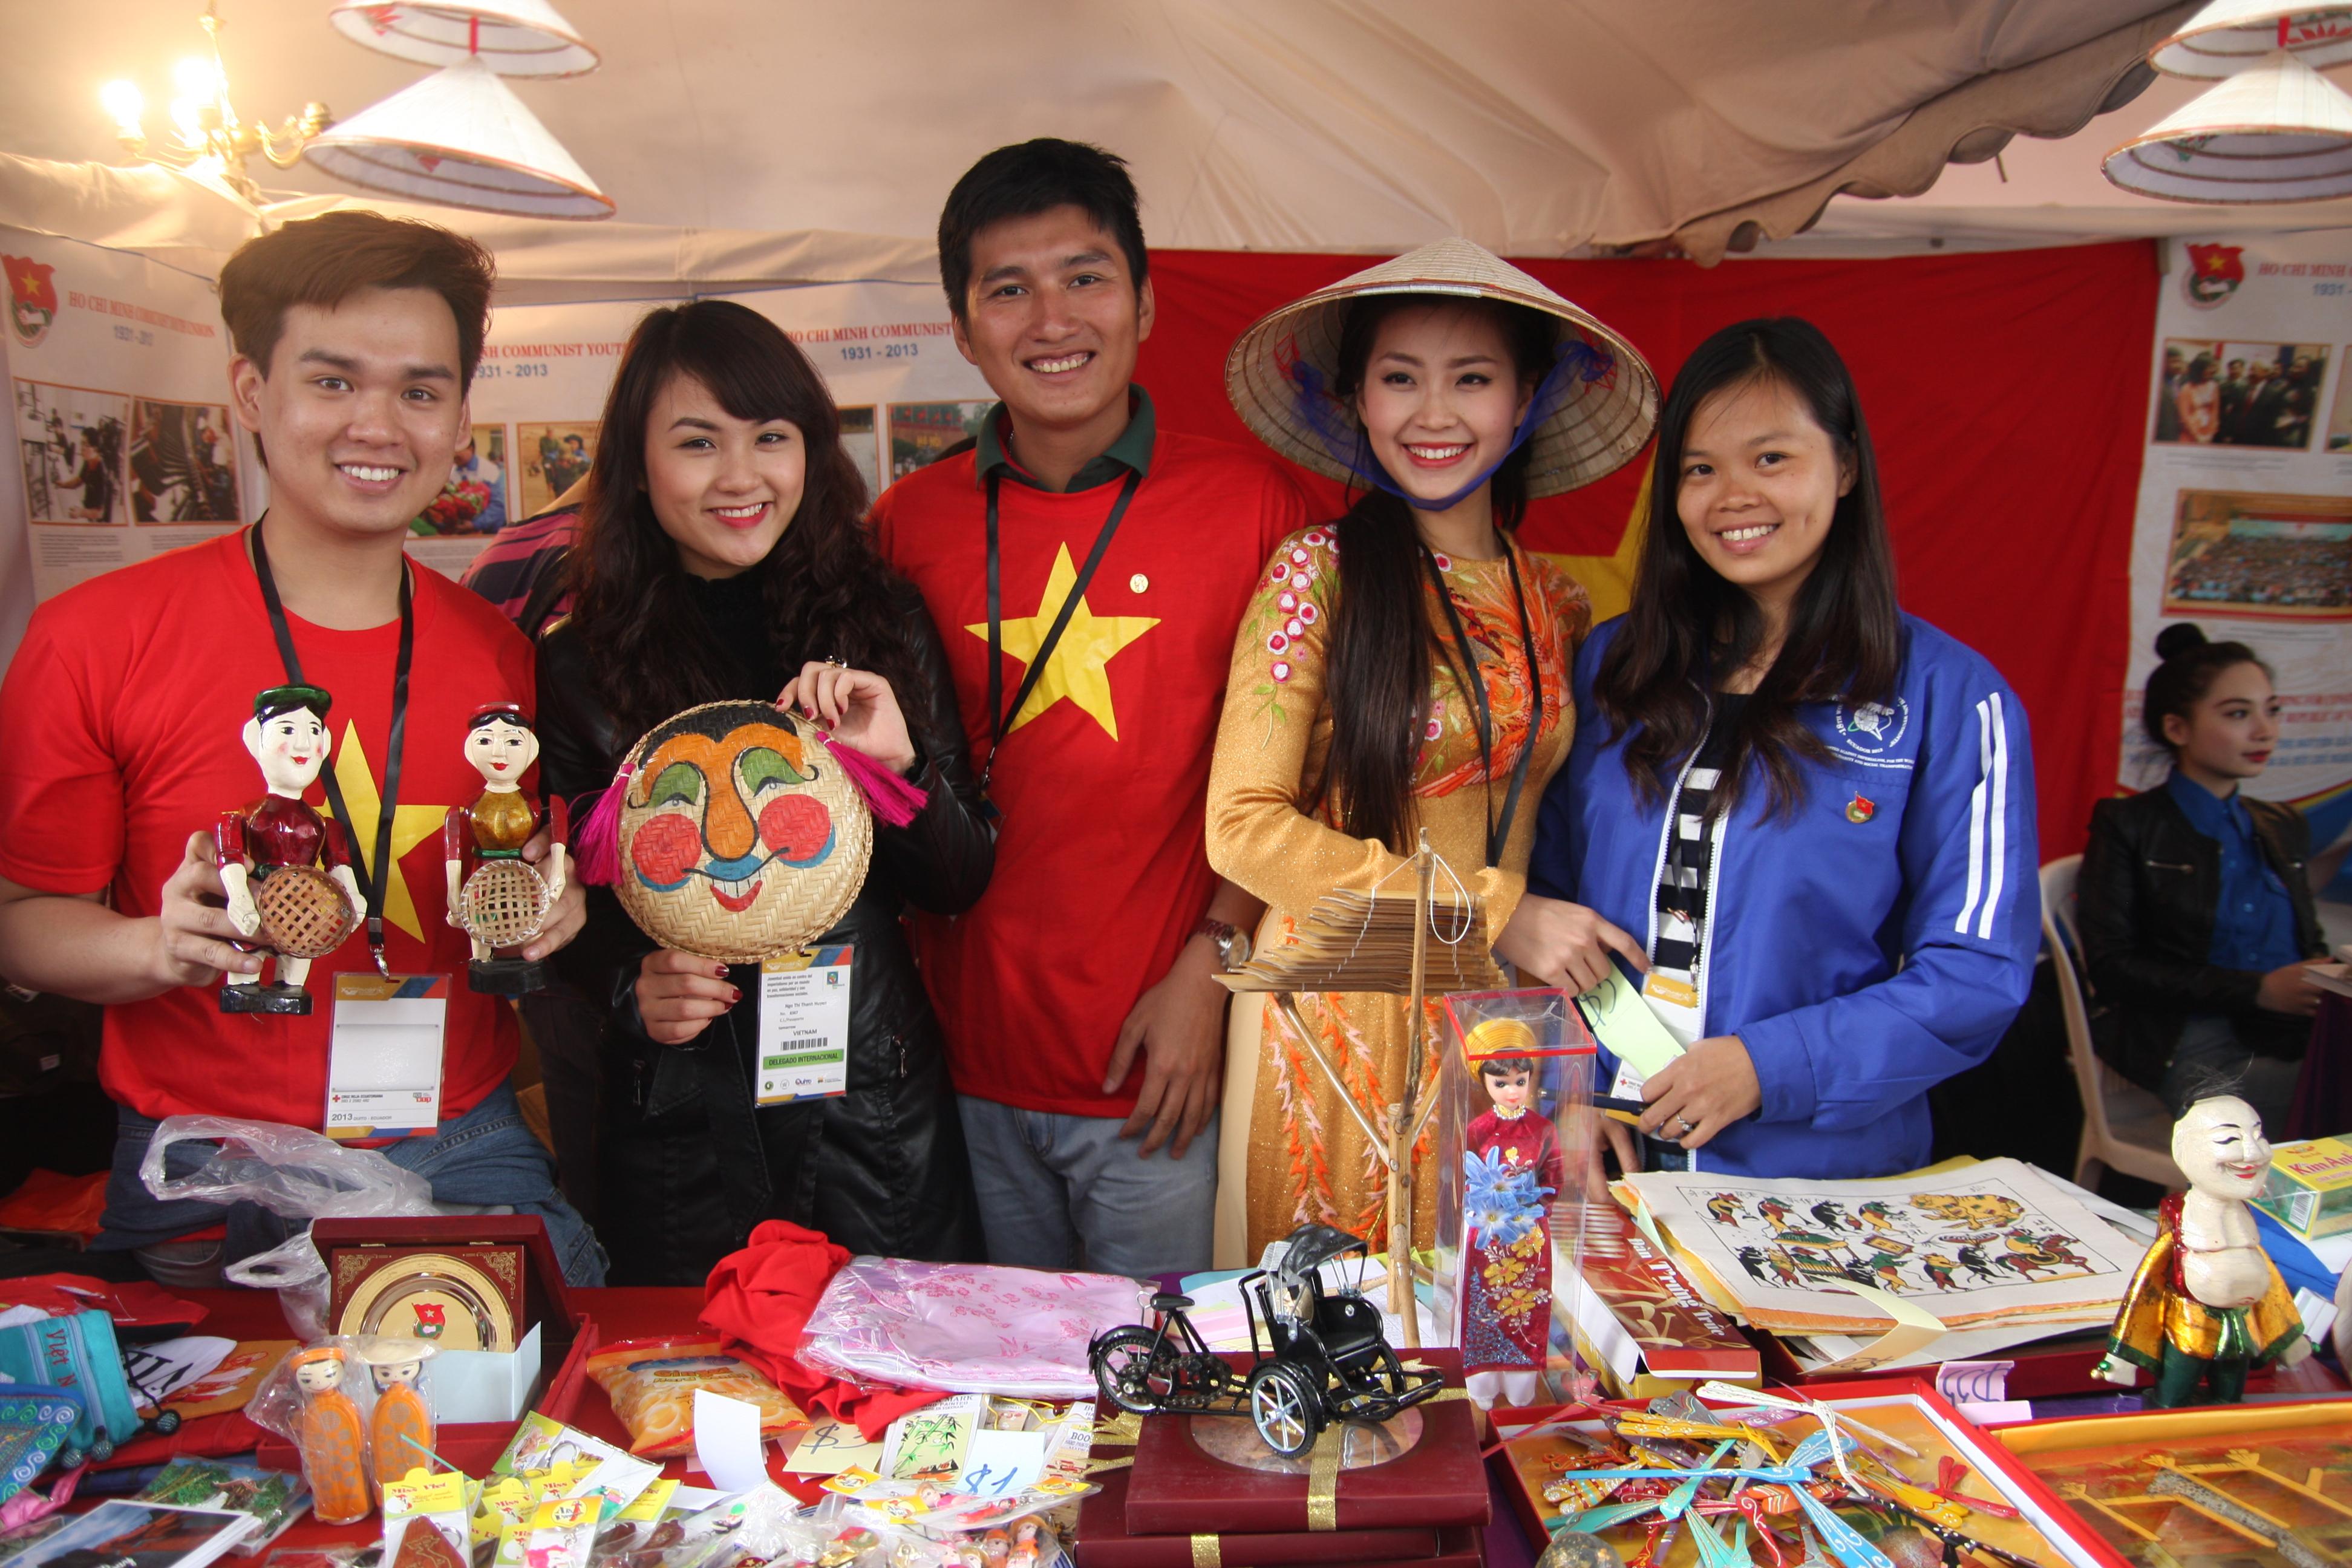 """Trung Quân bán hàng """"mát tay"""" ở Liên hoan Thanh niên - Sinh viên thế giới 2013 7"""